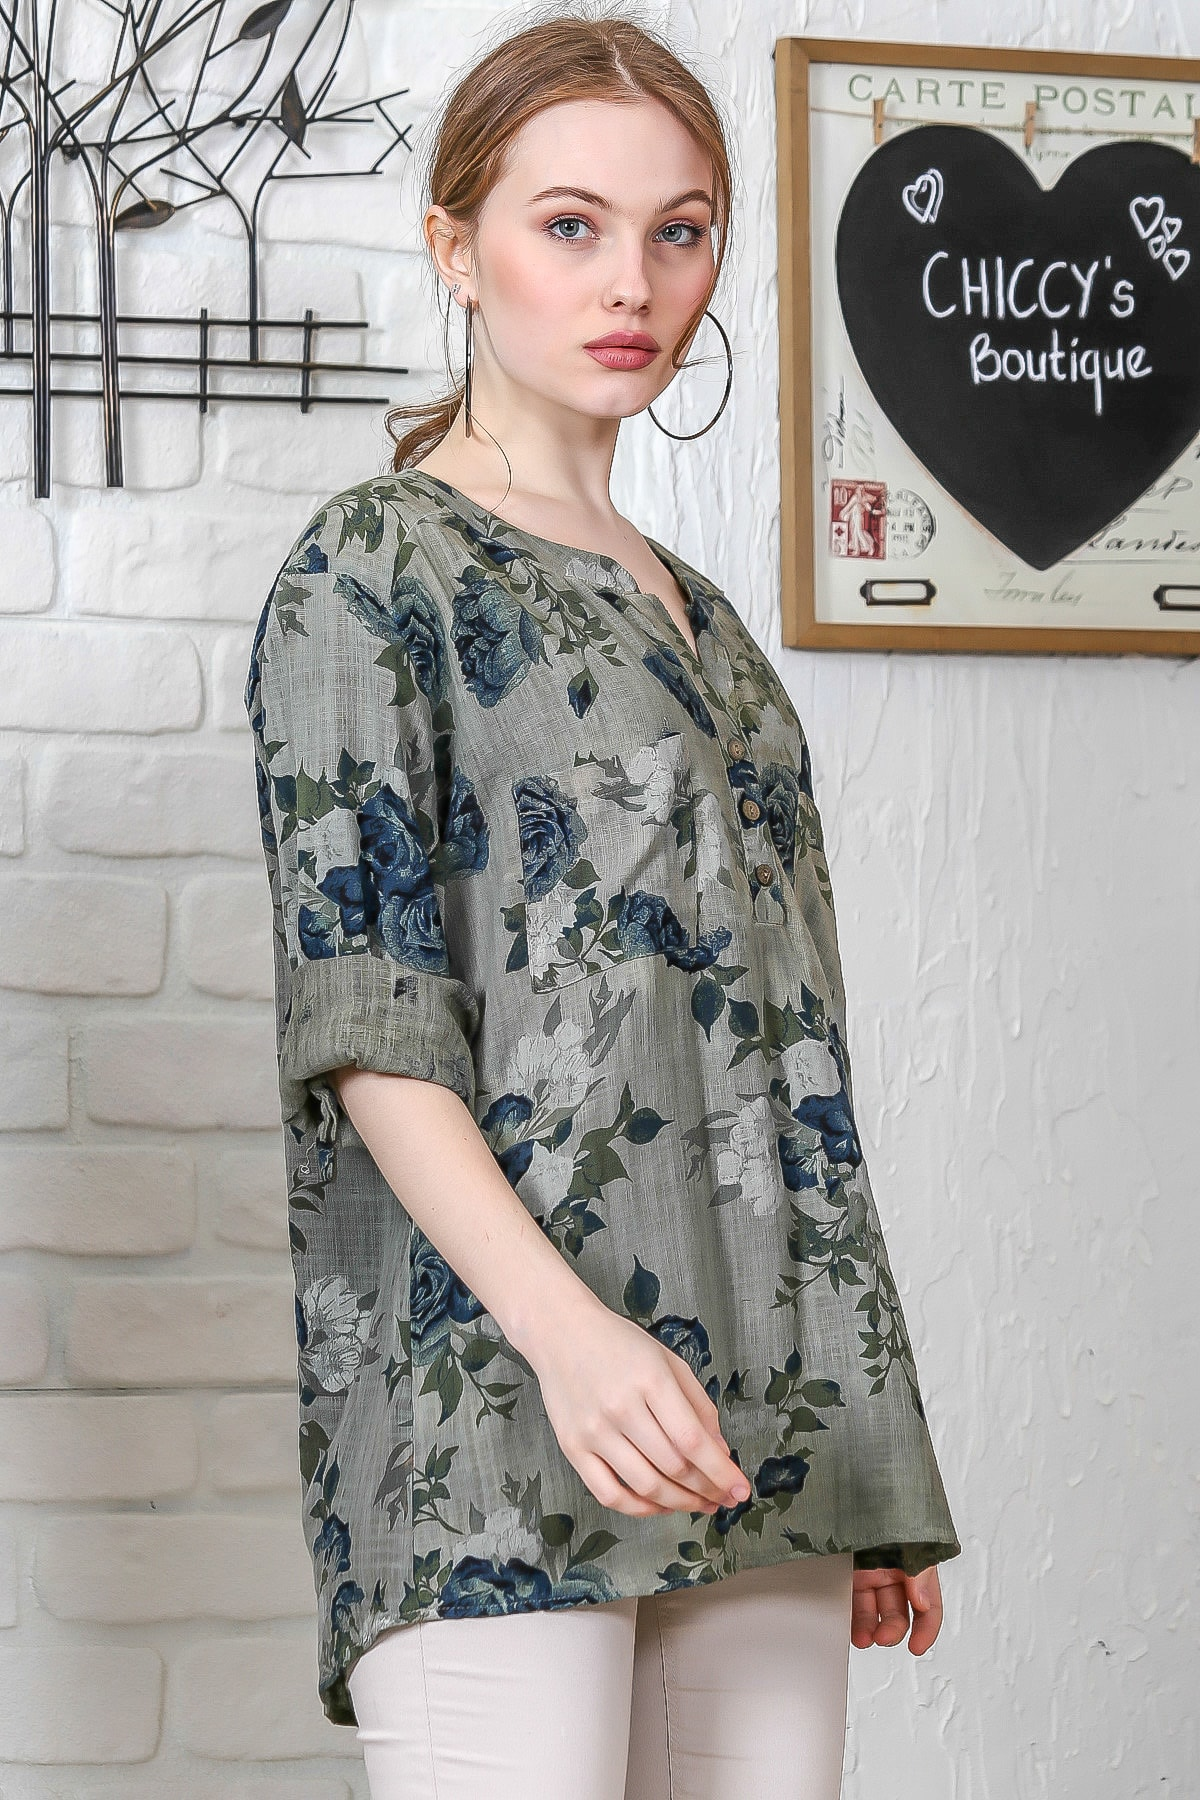 Chiccy Kadın Haki Sıfır Yaka Patı Düğme Detaylı Çiçek Desenli Salaş Gömlek M10010200BL95486 2